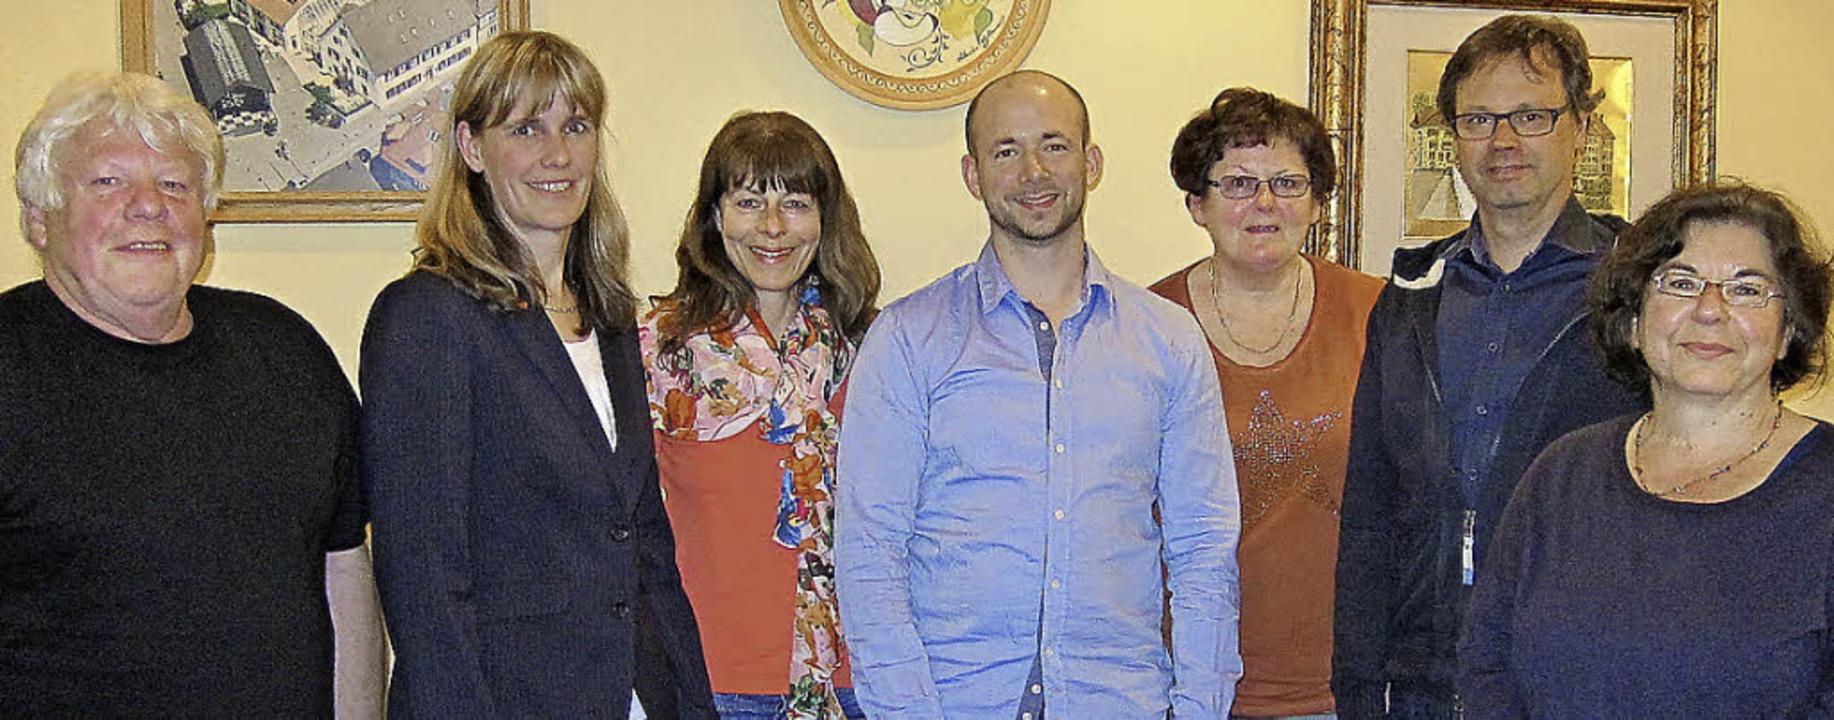 Der Vorstand des SPD-Ortsvereins (von ... Blust, Bernhard Kiesel, Birgitta Hiss  | Foto: privat